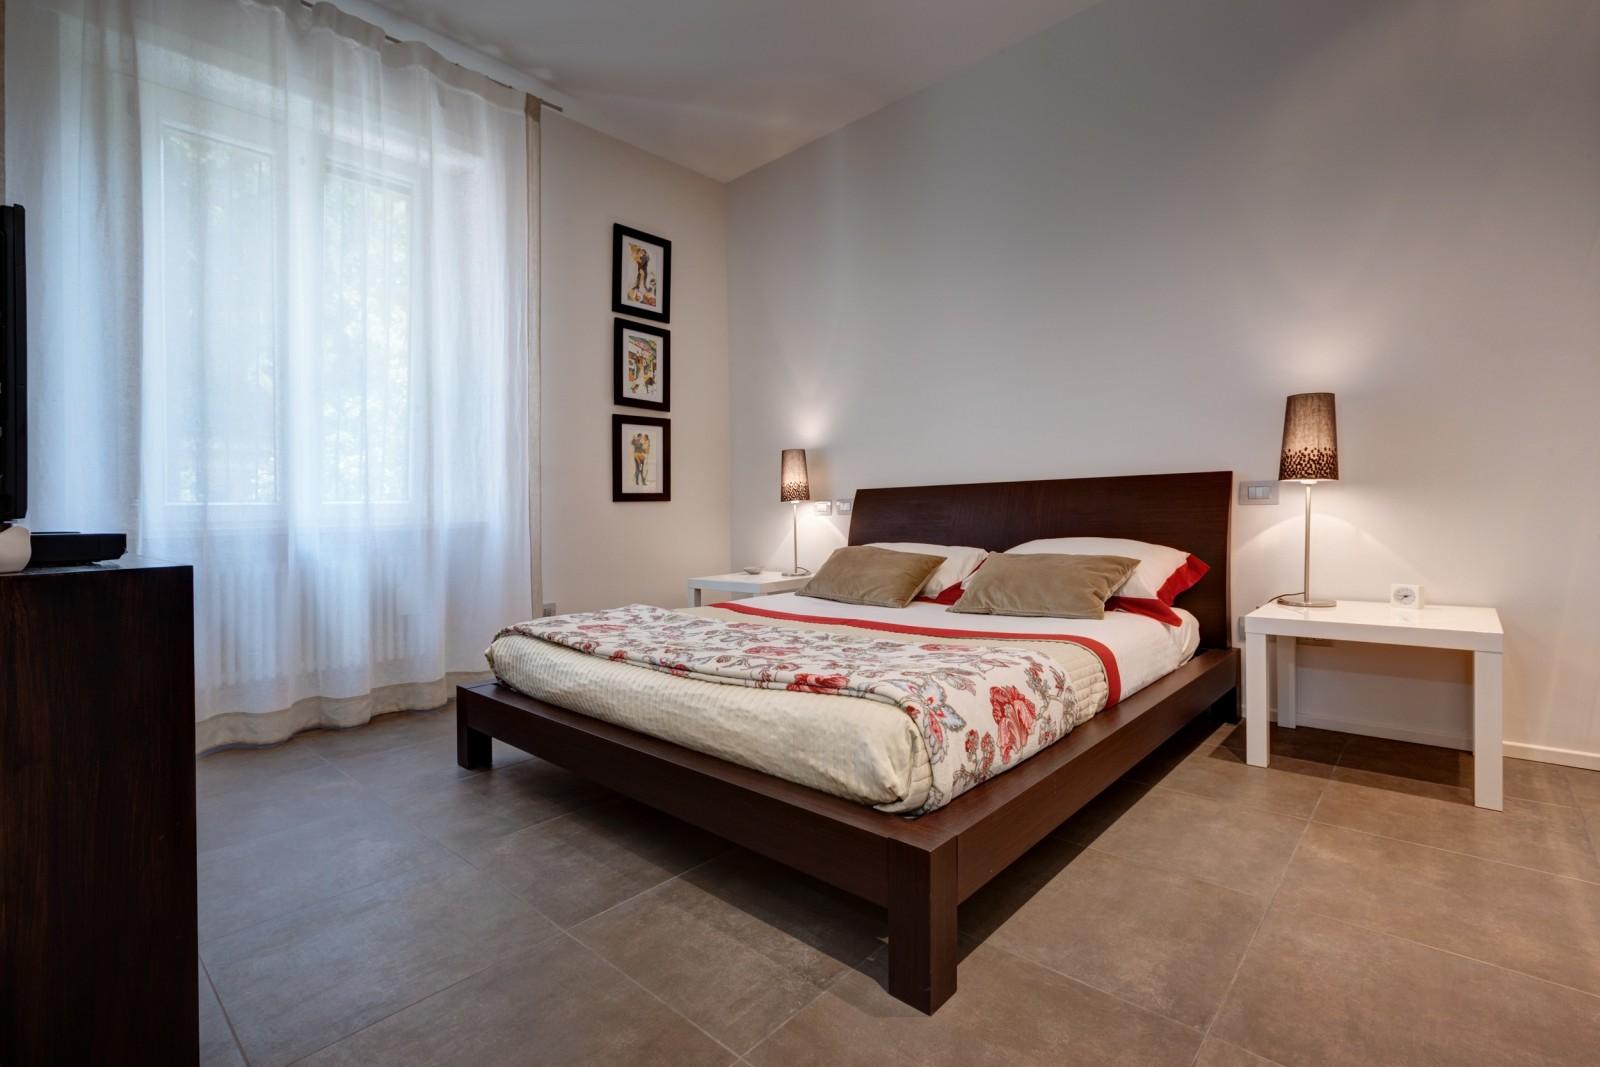 appia antica resort | apartment appia antica rom | galerie